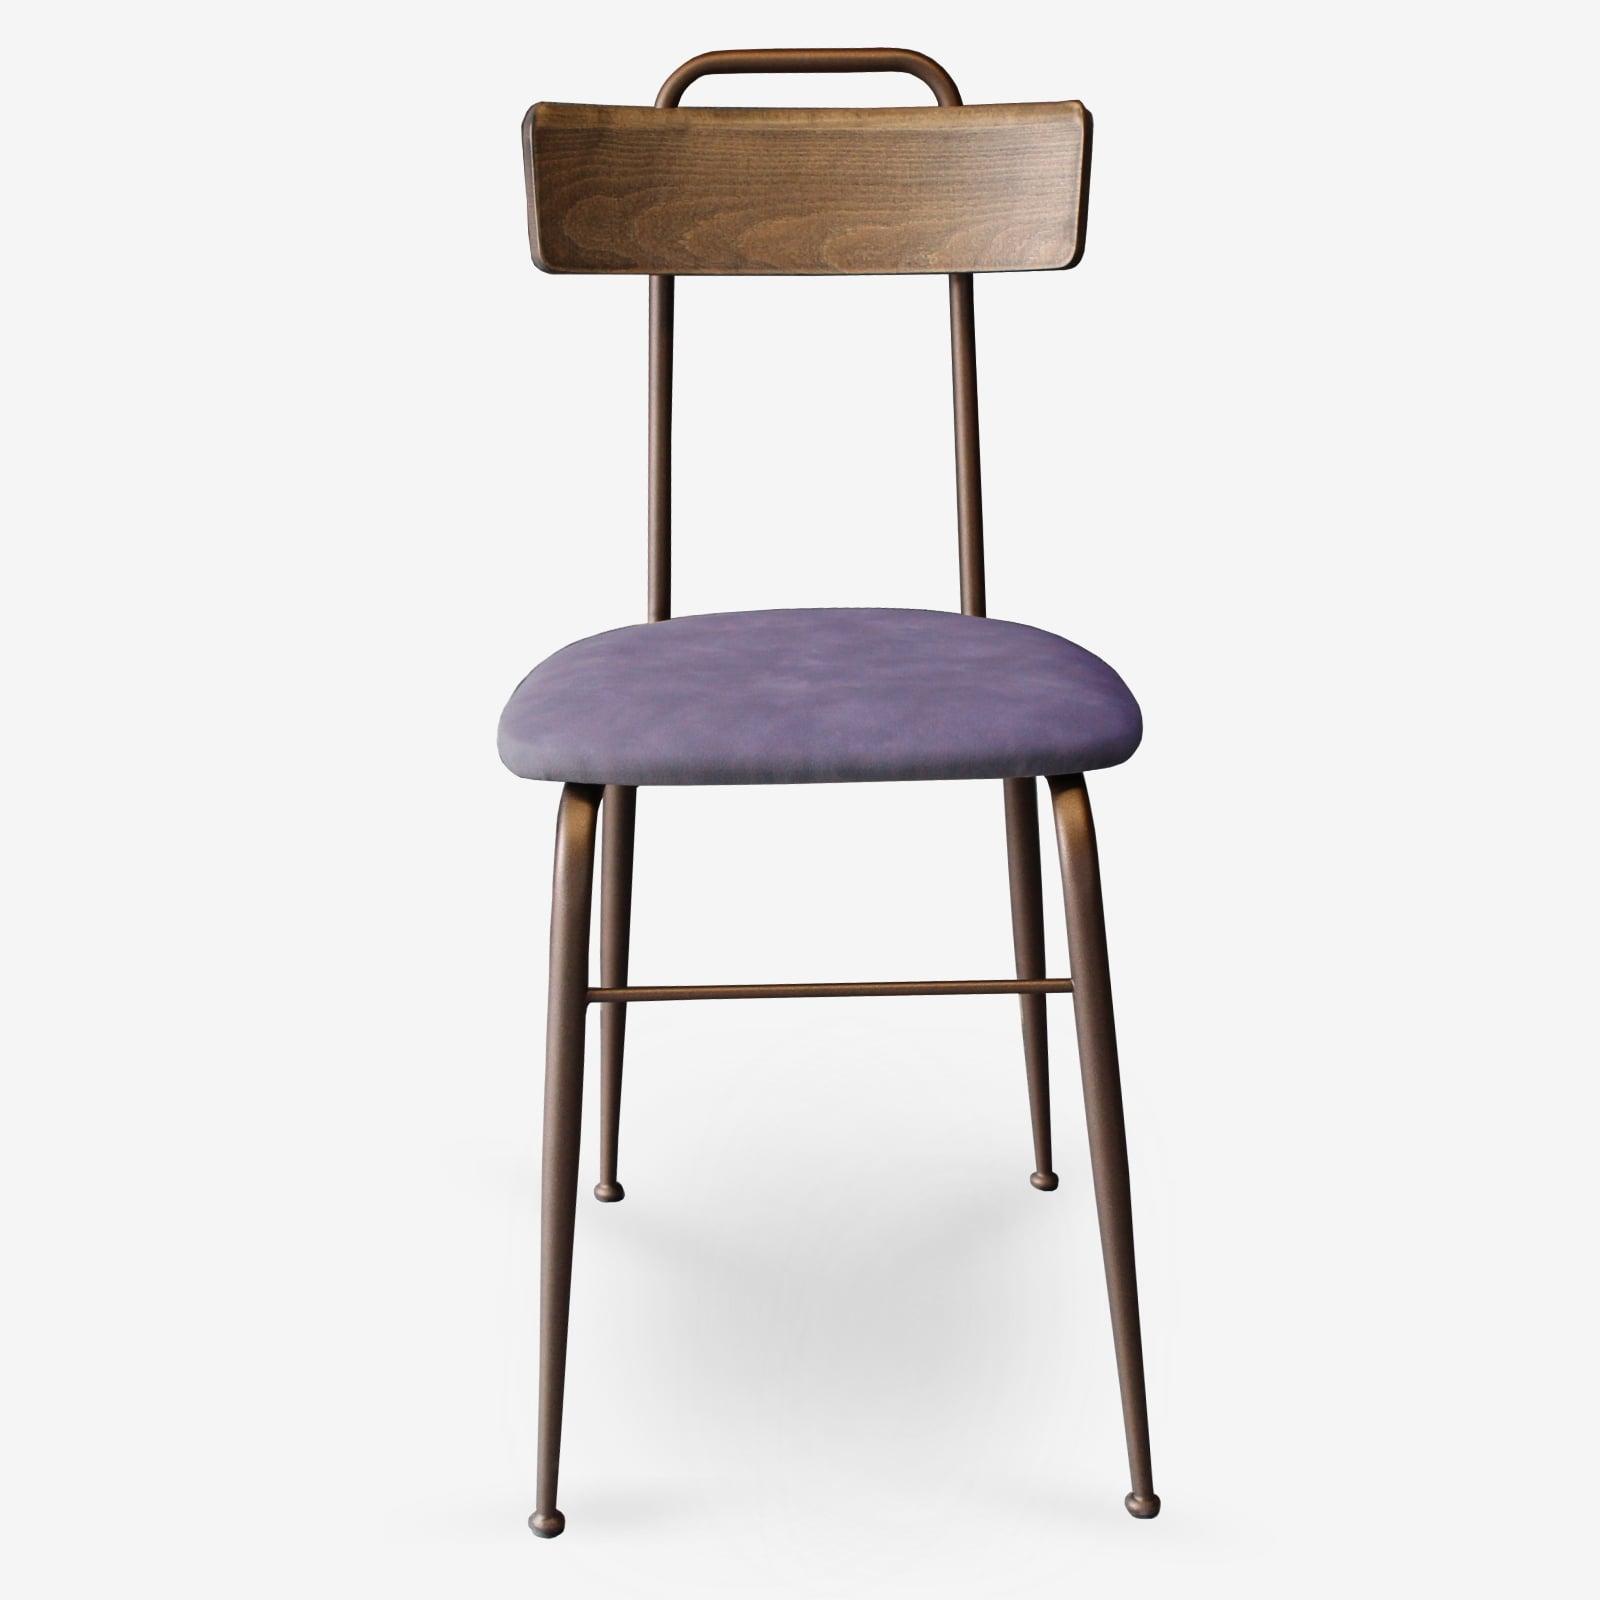 Sedie-in-ecopelle-e-metallo-bronzo-sedie-per-ristoranti-alberghi-bar-sedie-vintage-sedie-di-design-sedie-moderne-Clo- fv